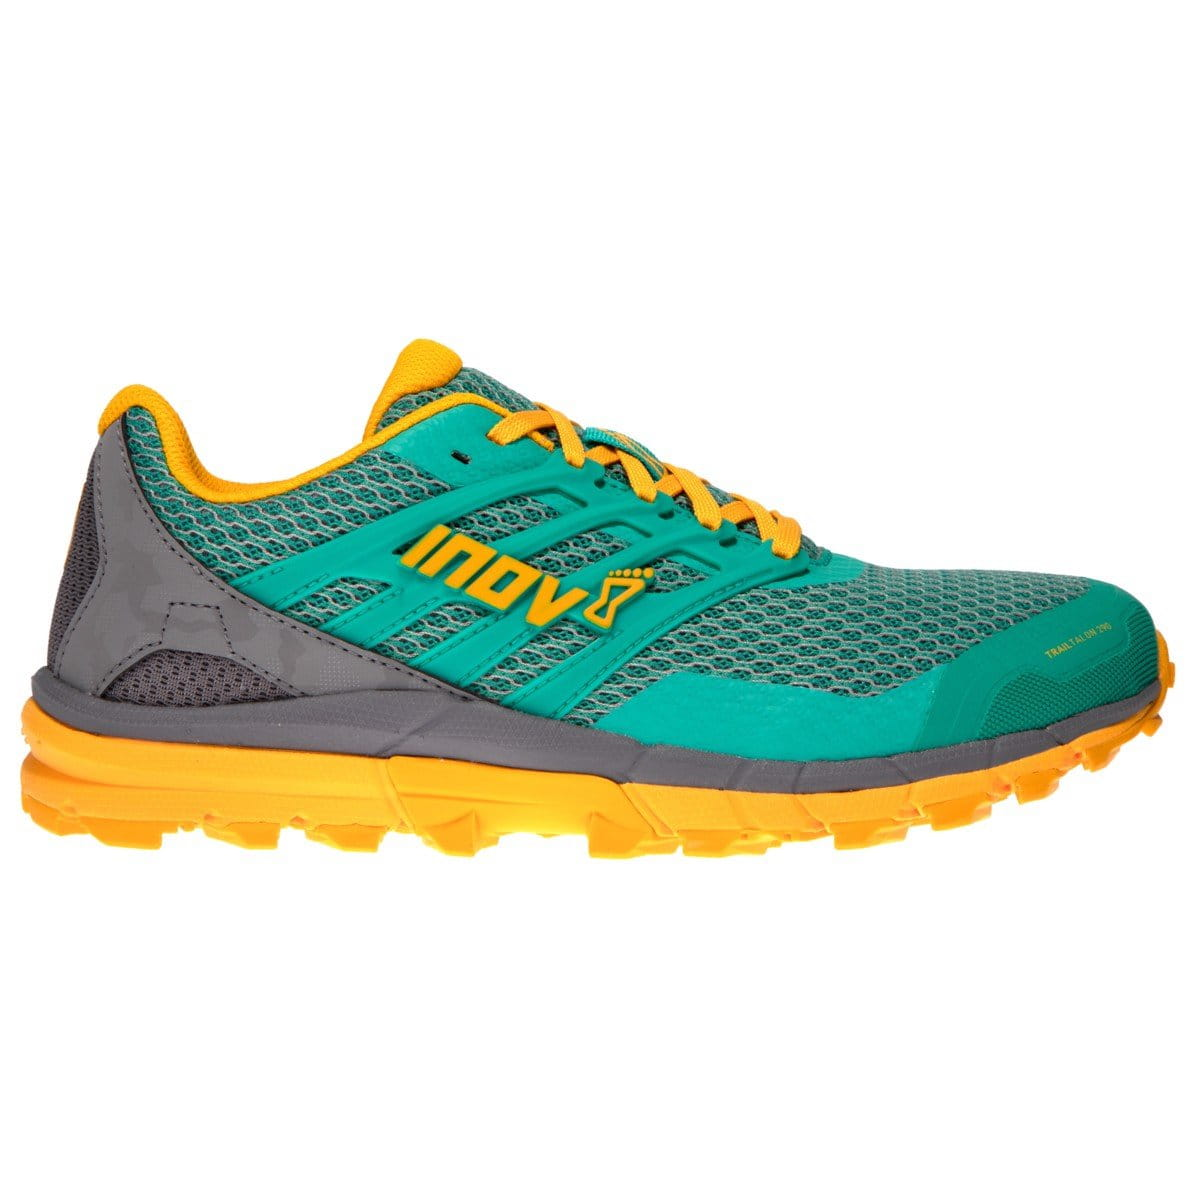 Běžecká obuv Inov-8  TRAIL TALON 290 W (S) teal/grey/yellow zelená/šedá/žlutá